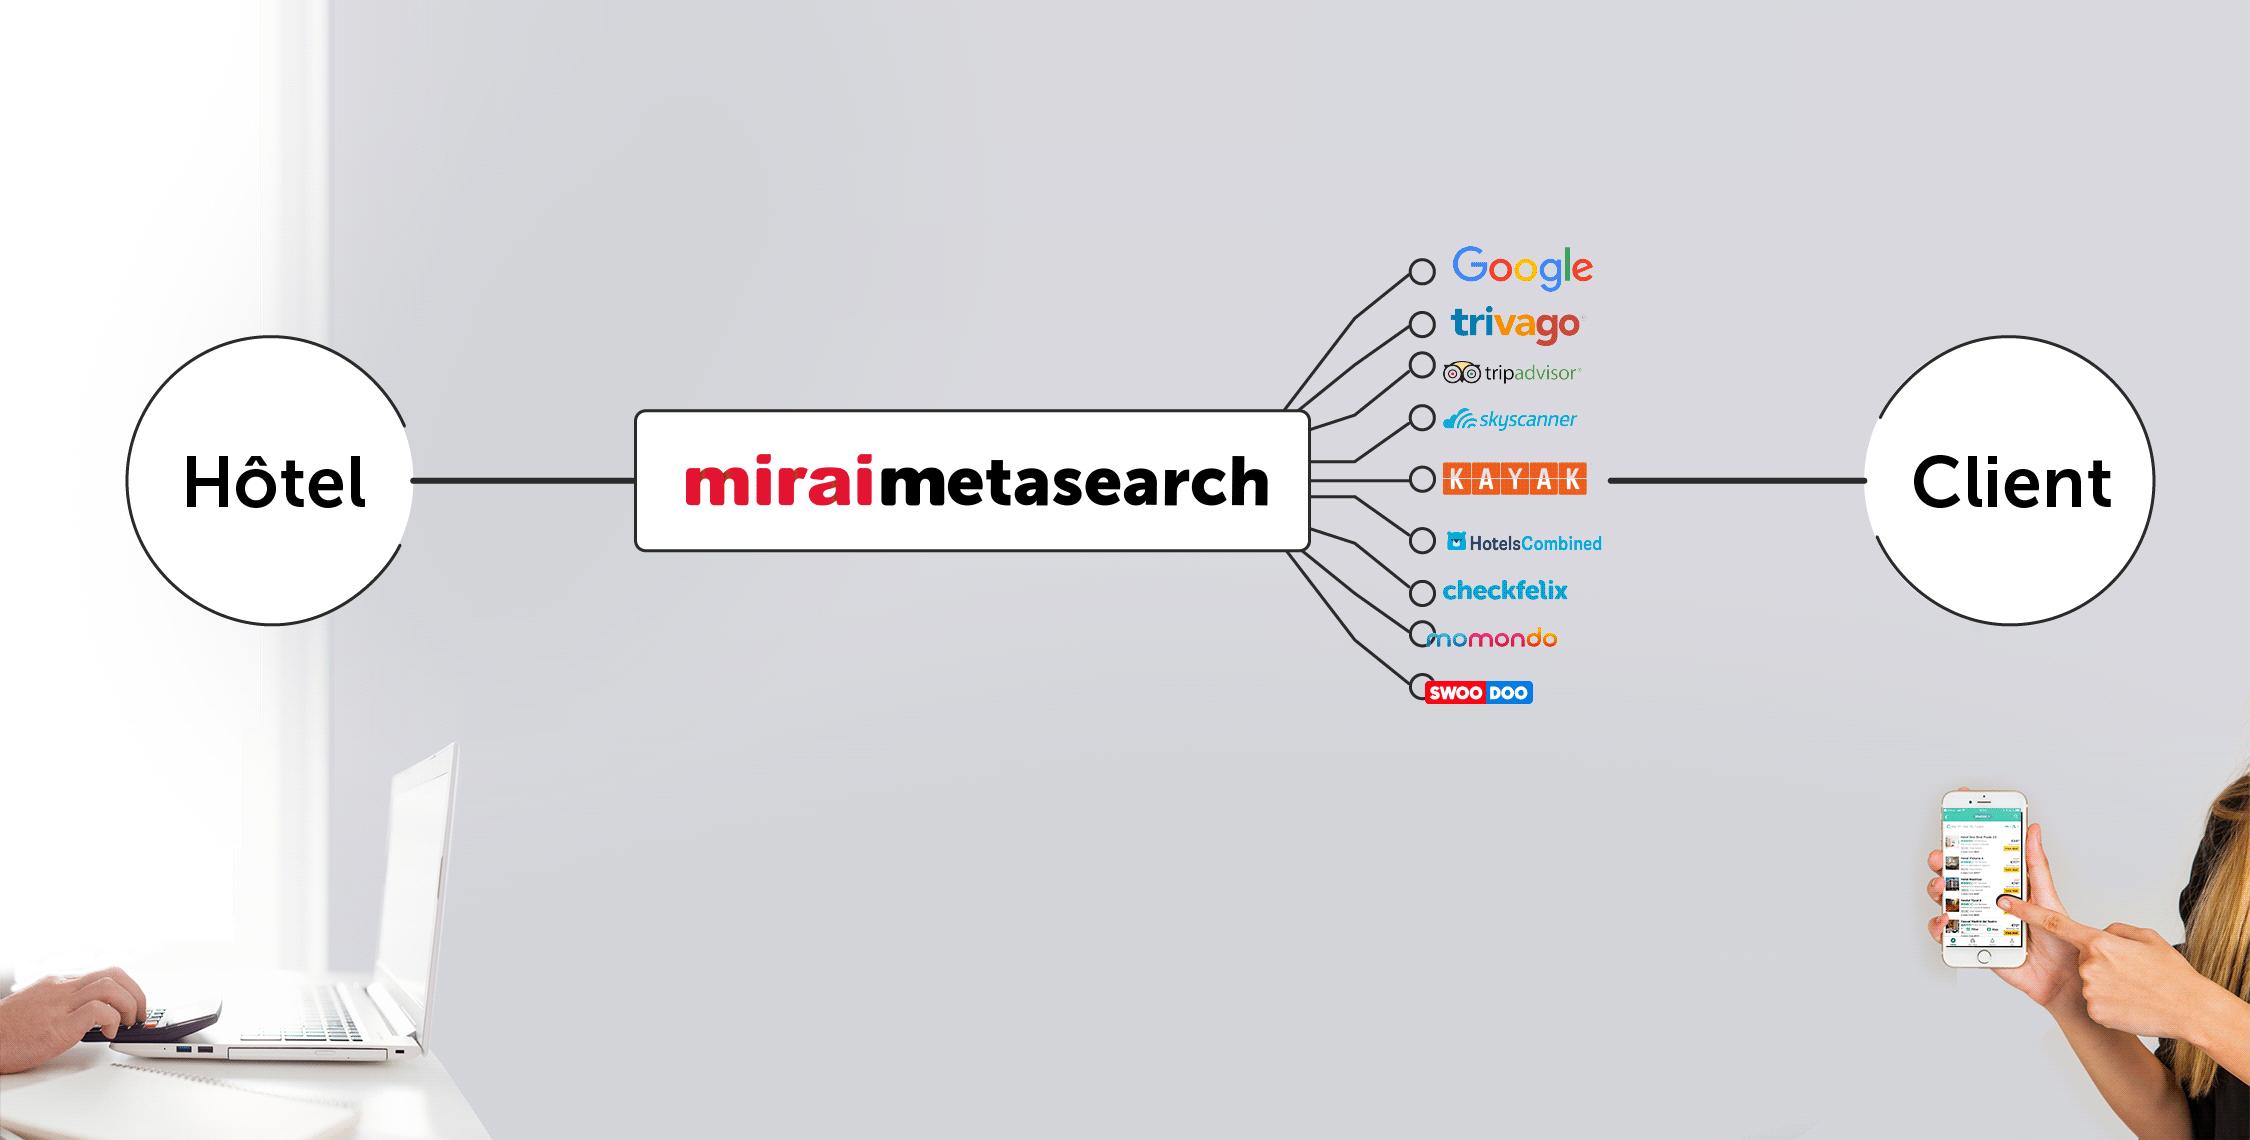 Mirai lance miraimetasearch, solution avancée connectant le site officiel des hôtels aux meta-moteurs (Google Hotel Ads -incluant Book on Google-, Tripadvisor, trivago, Kayak, Skyscanner…) .